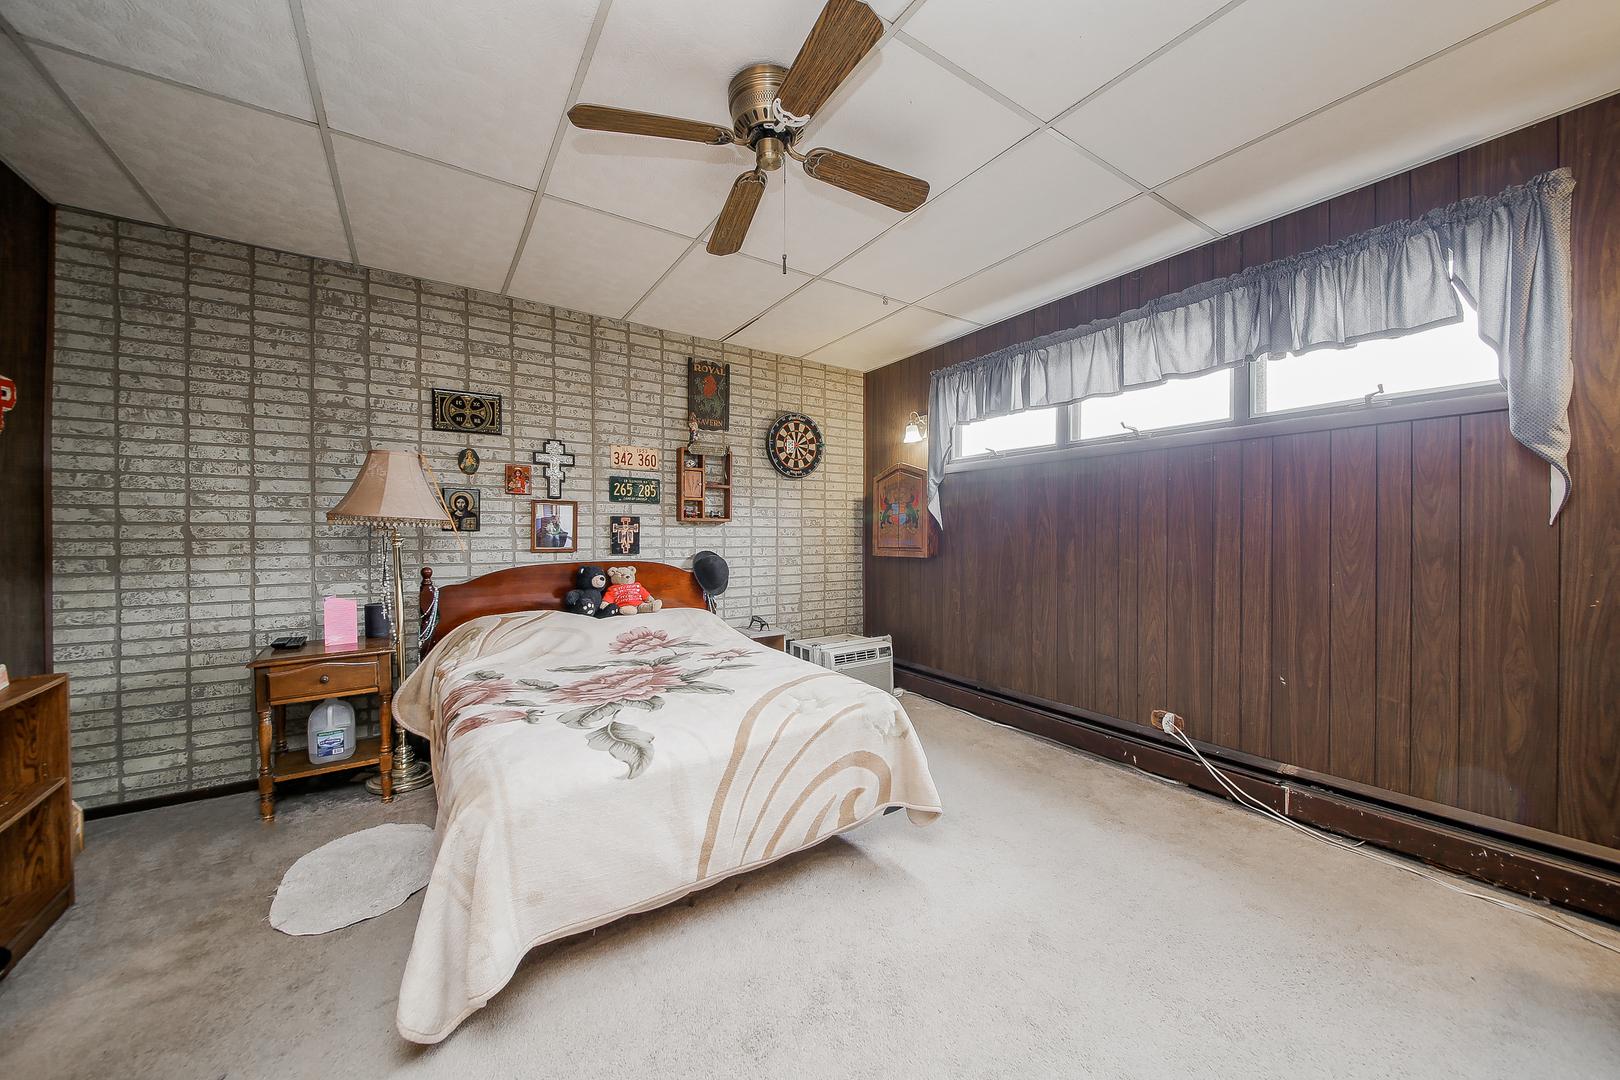 476 5th, AURORA, Illinois, 60505